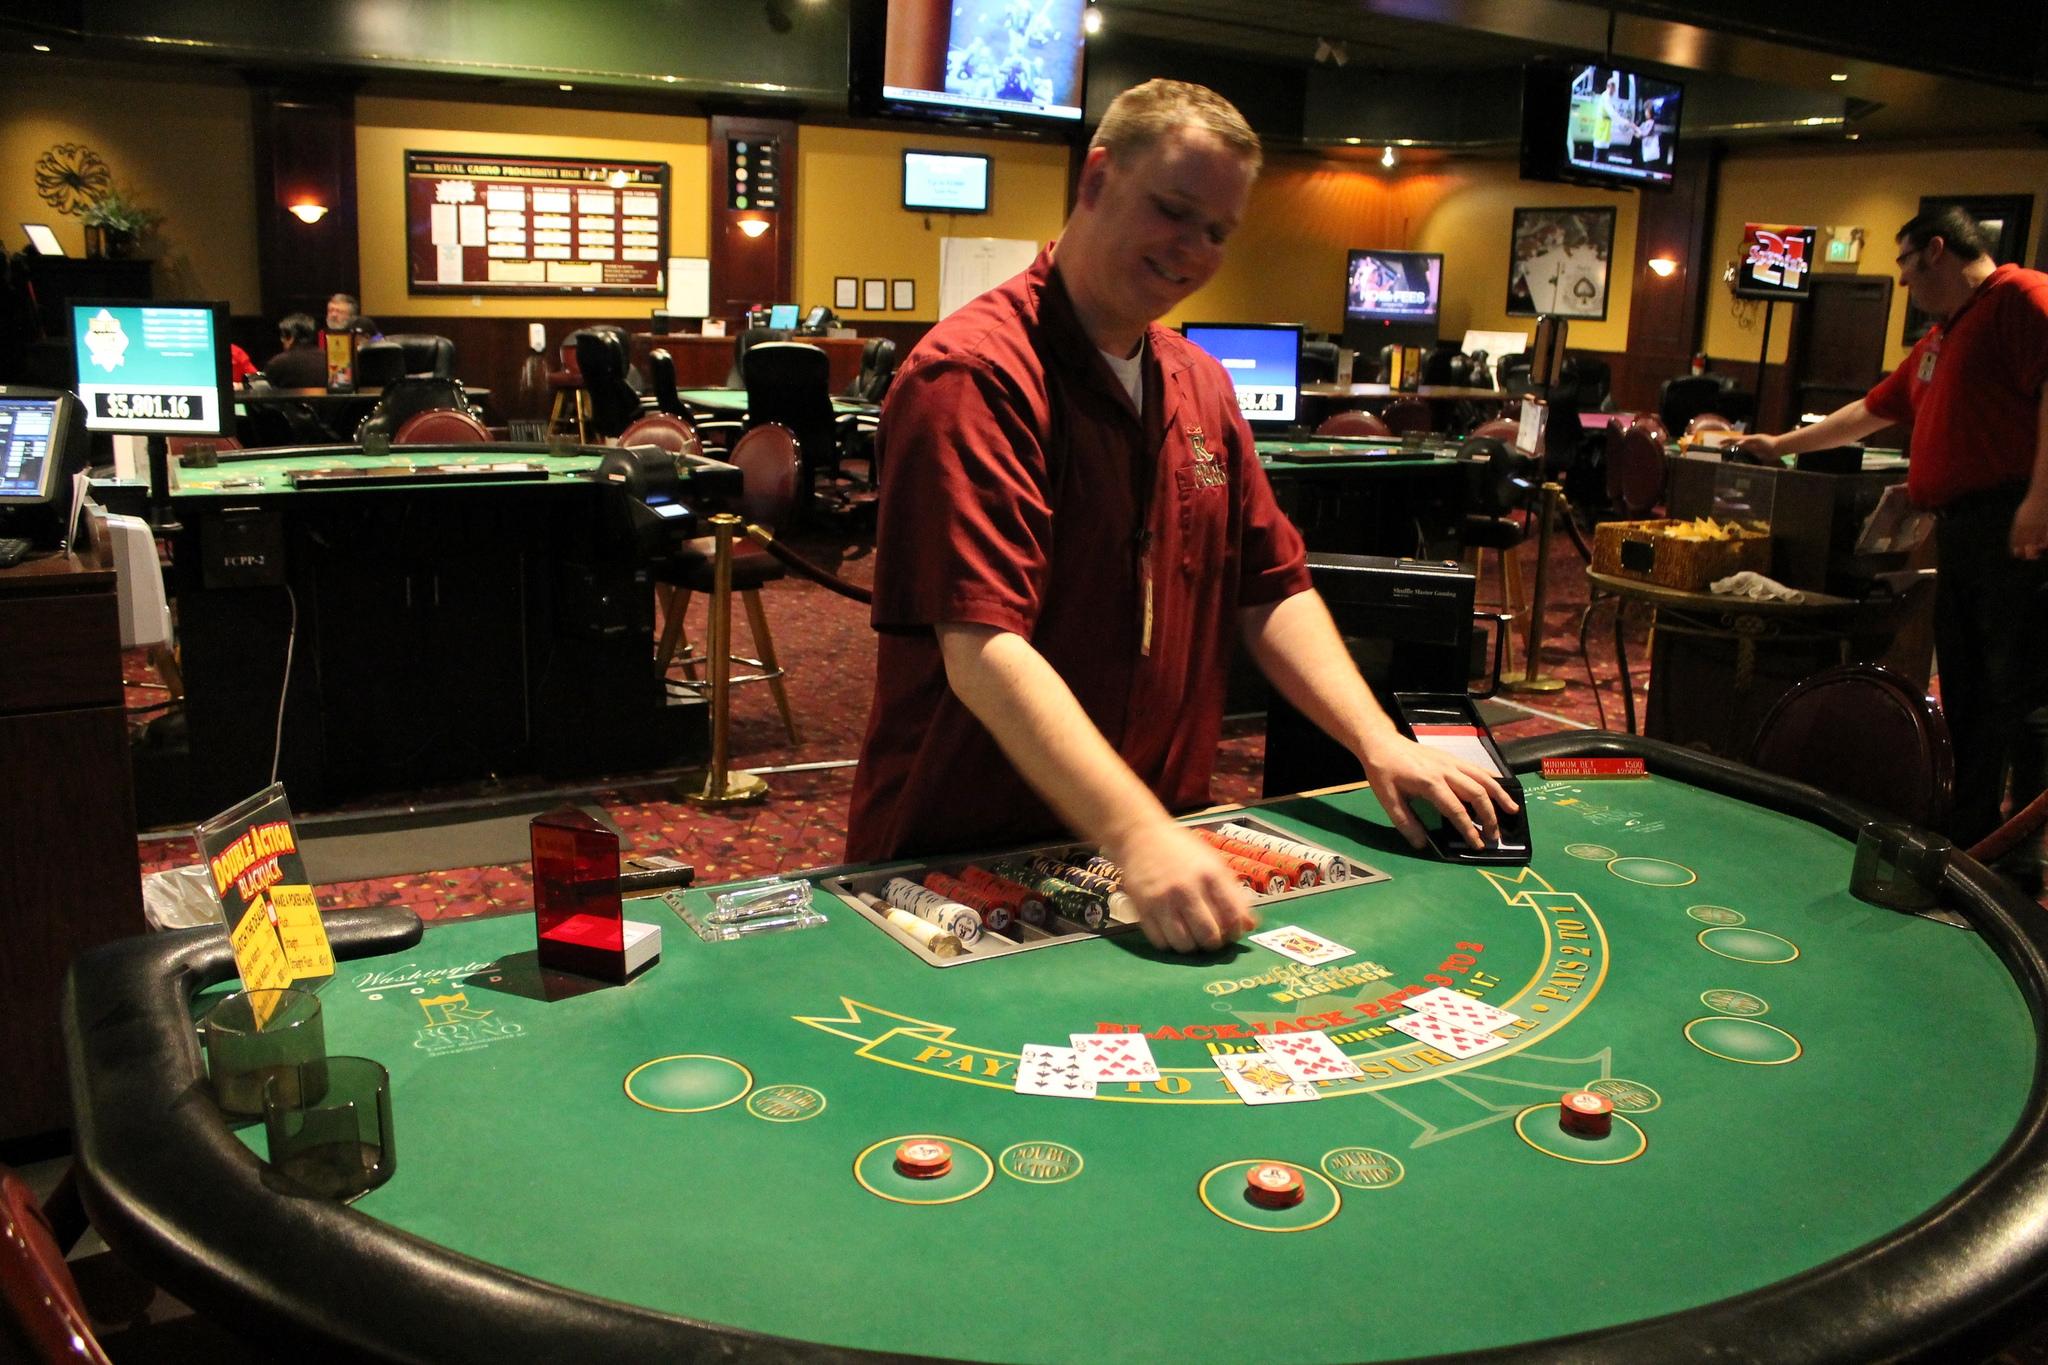 525% First deposit bonus at Slots Capital